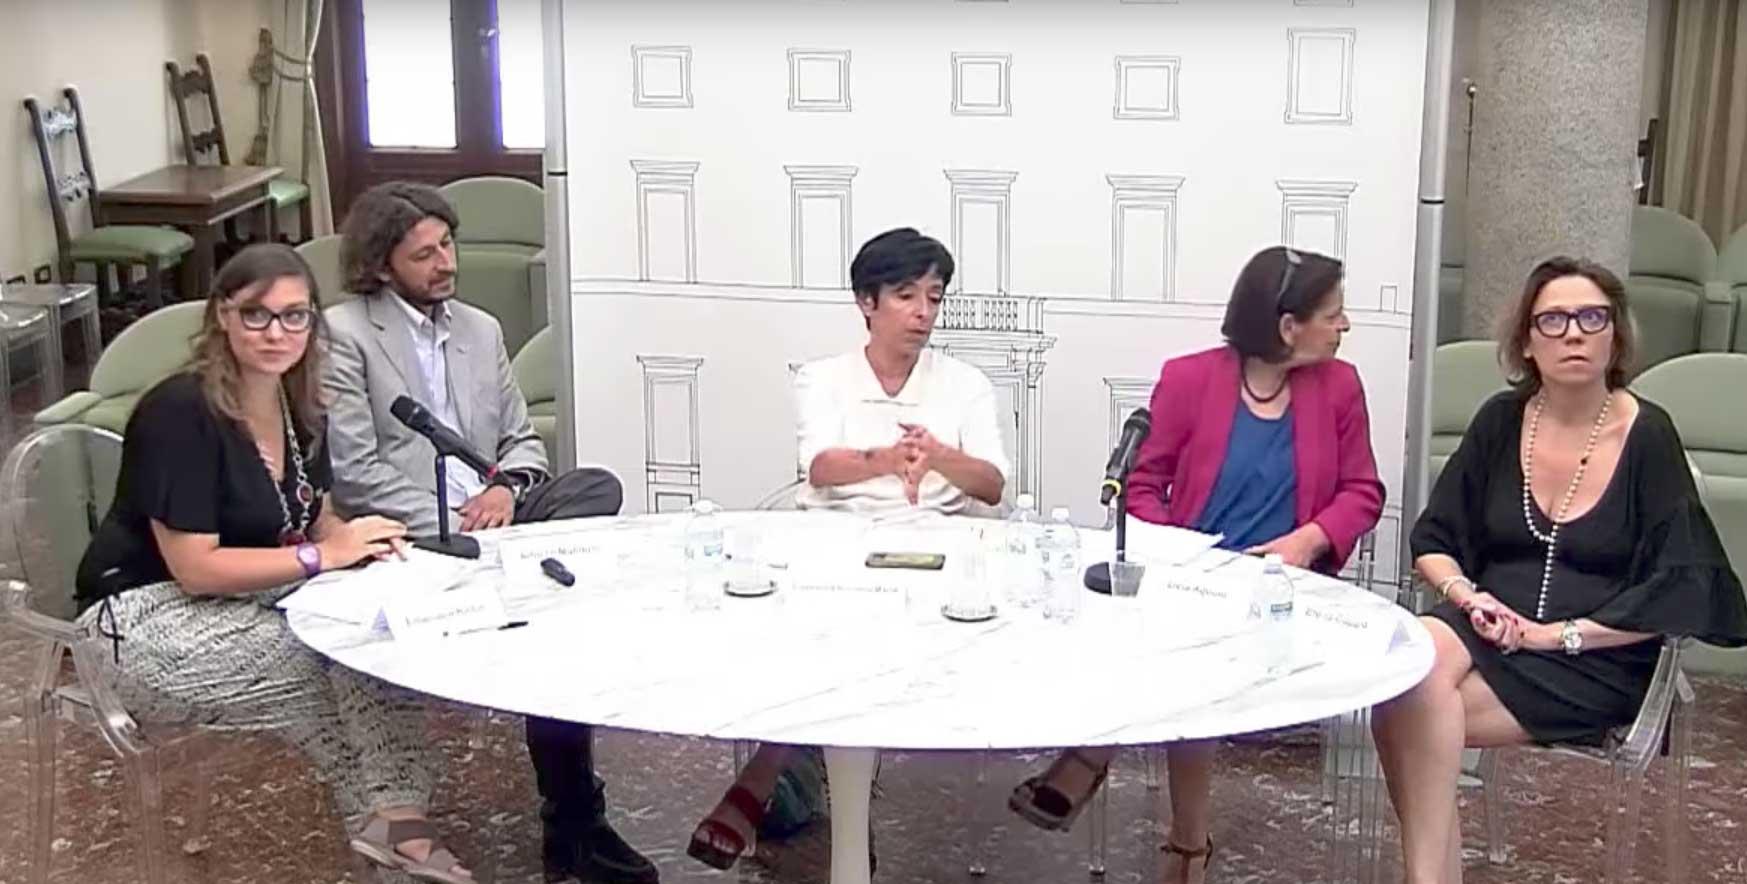 FIOCCHI IN OSPEDALE: L'AMBULATORIO SOCIALE DEL NOSTRO OSPEDALE TRA LE MIGLIORI PRATICHE ITALIANE